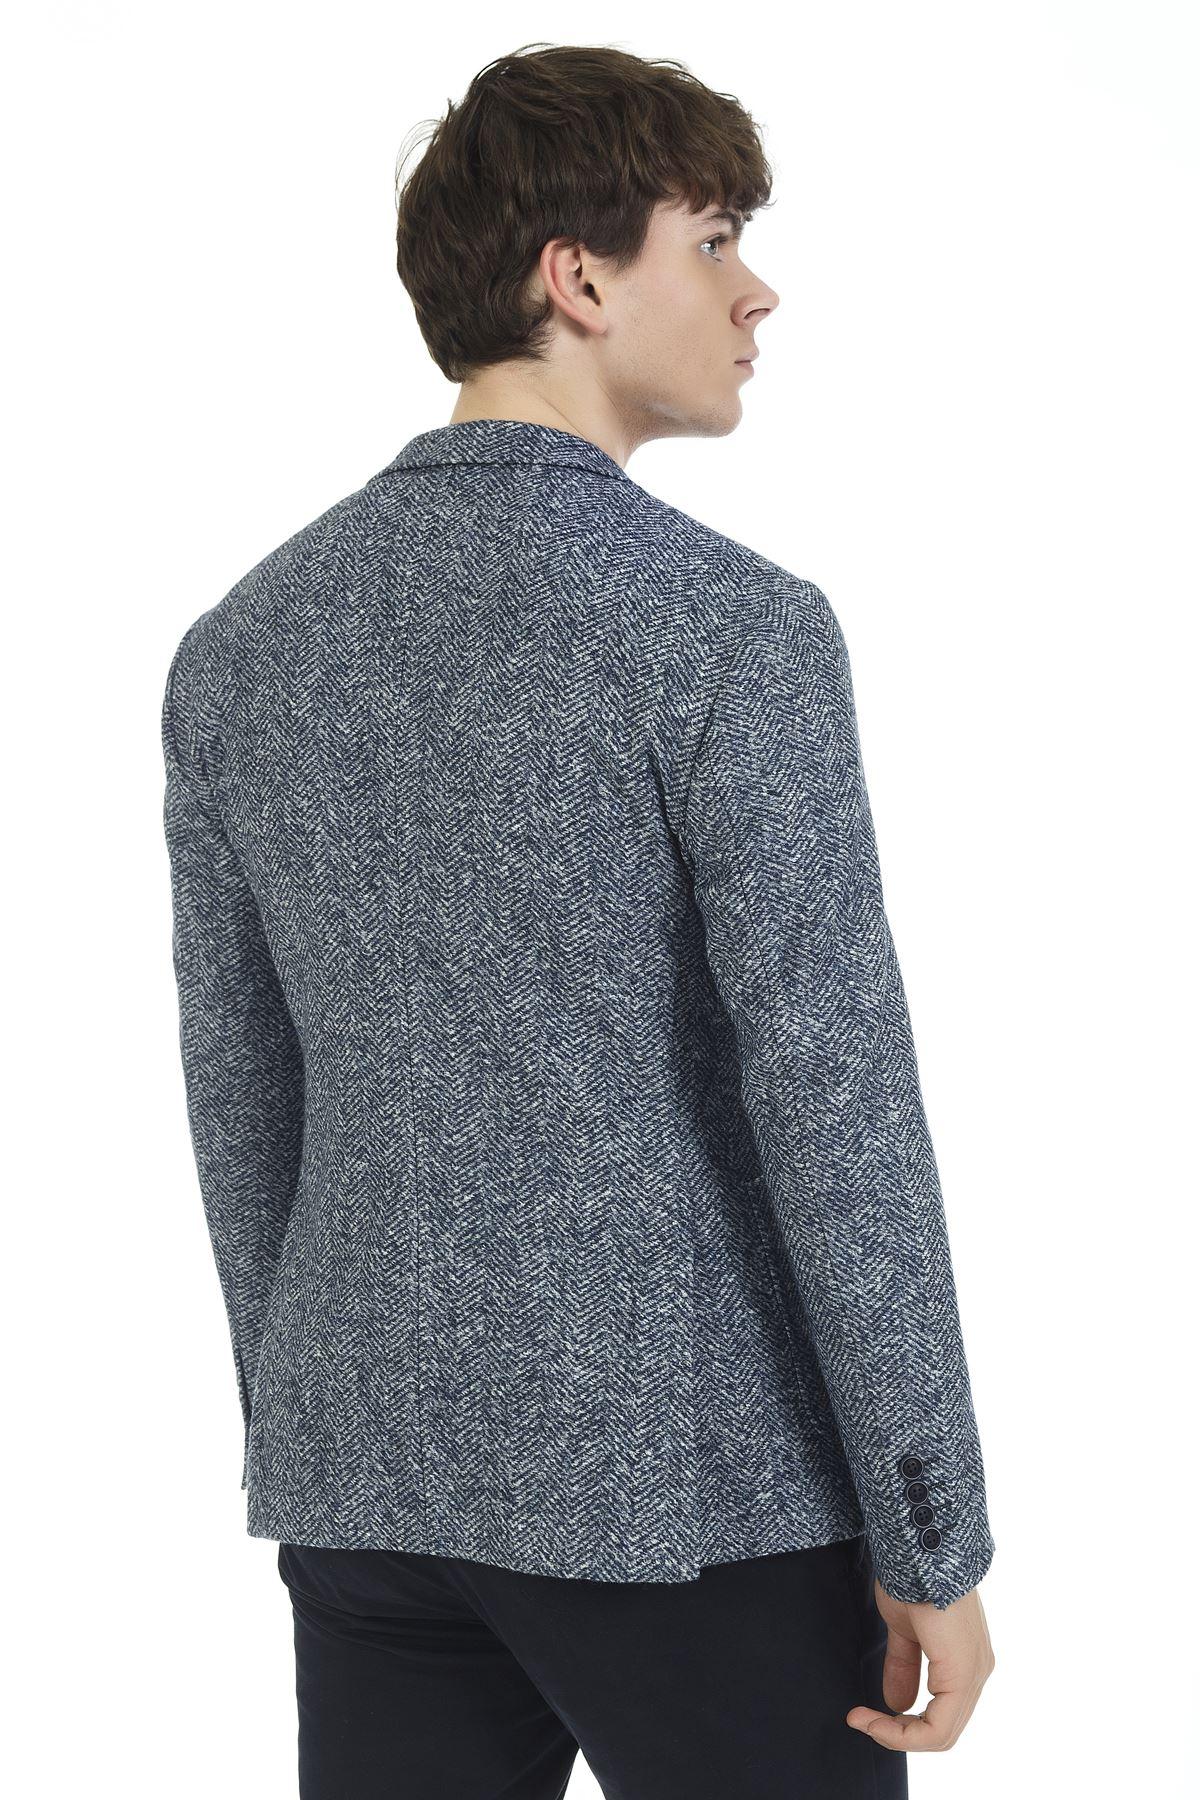 Mavi Balık Sırtı Süper Slim Ceket